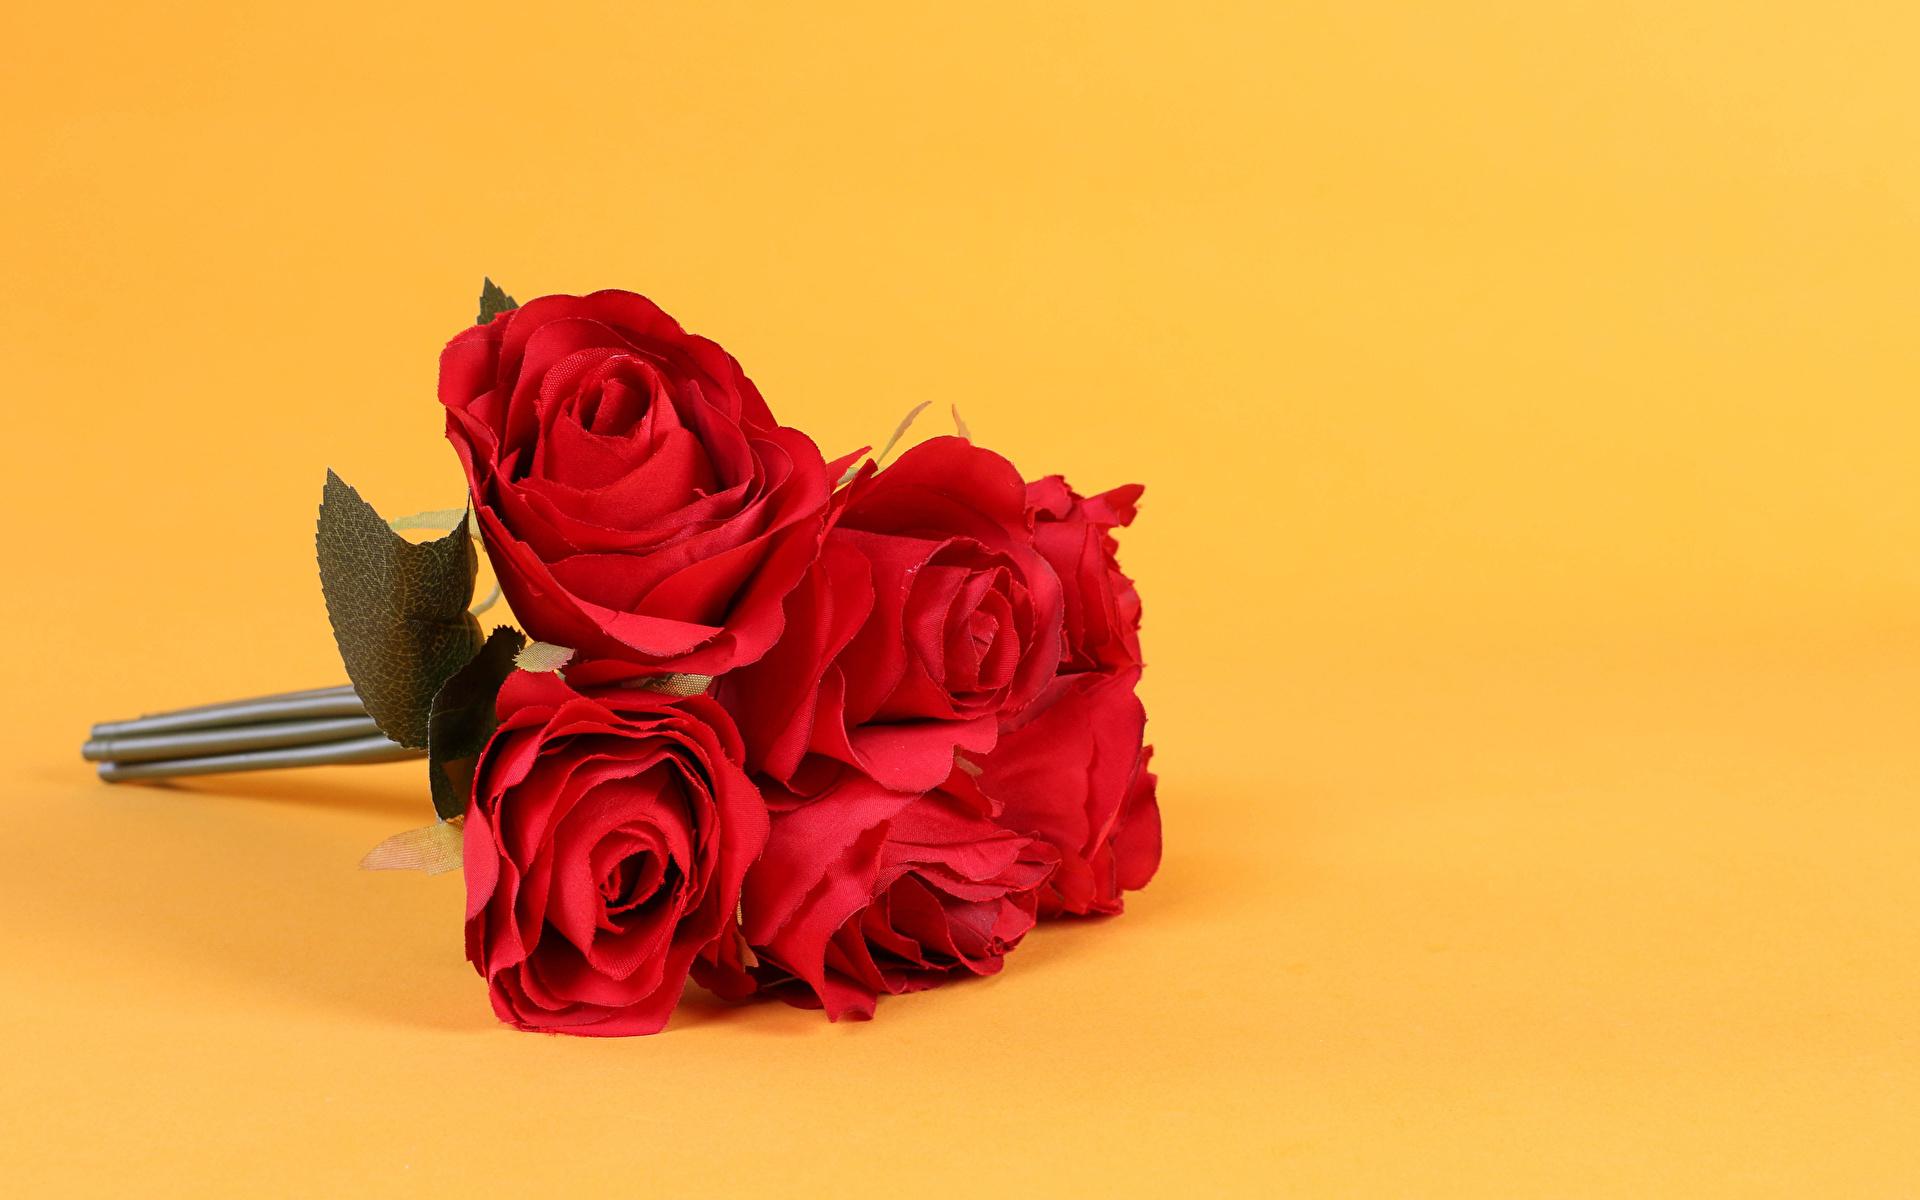 1920x1200 Ramos Rosas Fondo de color Rojo flor, un ramo, rosa Flores